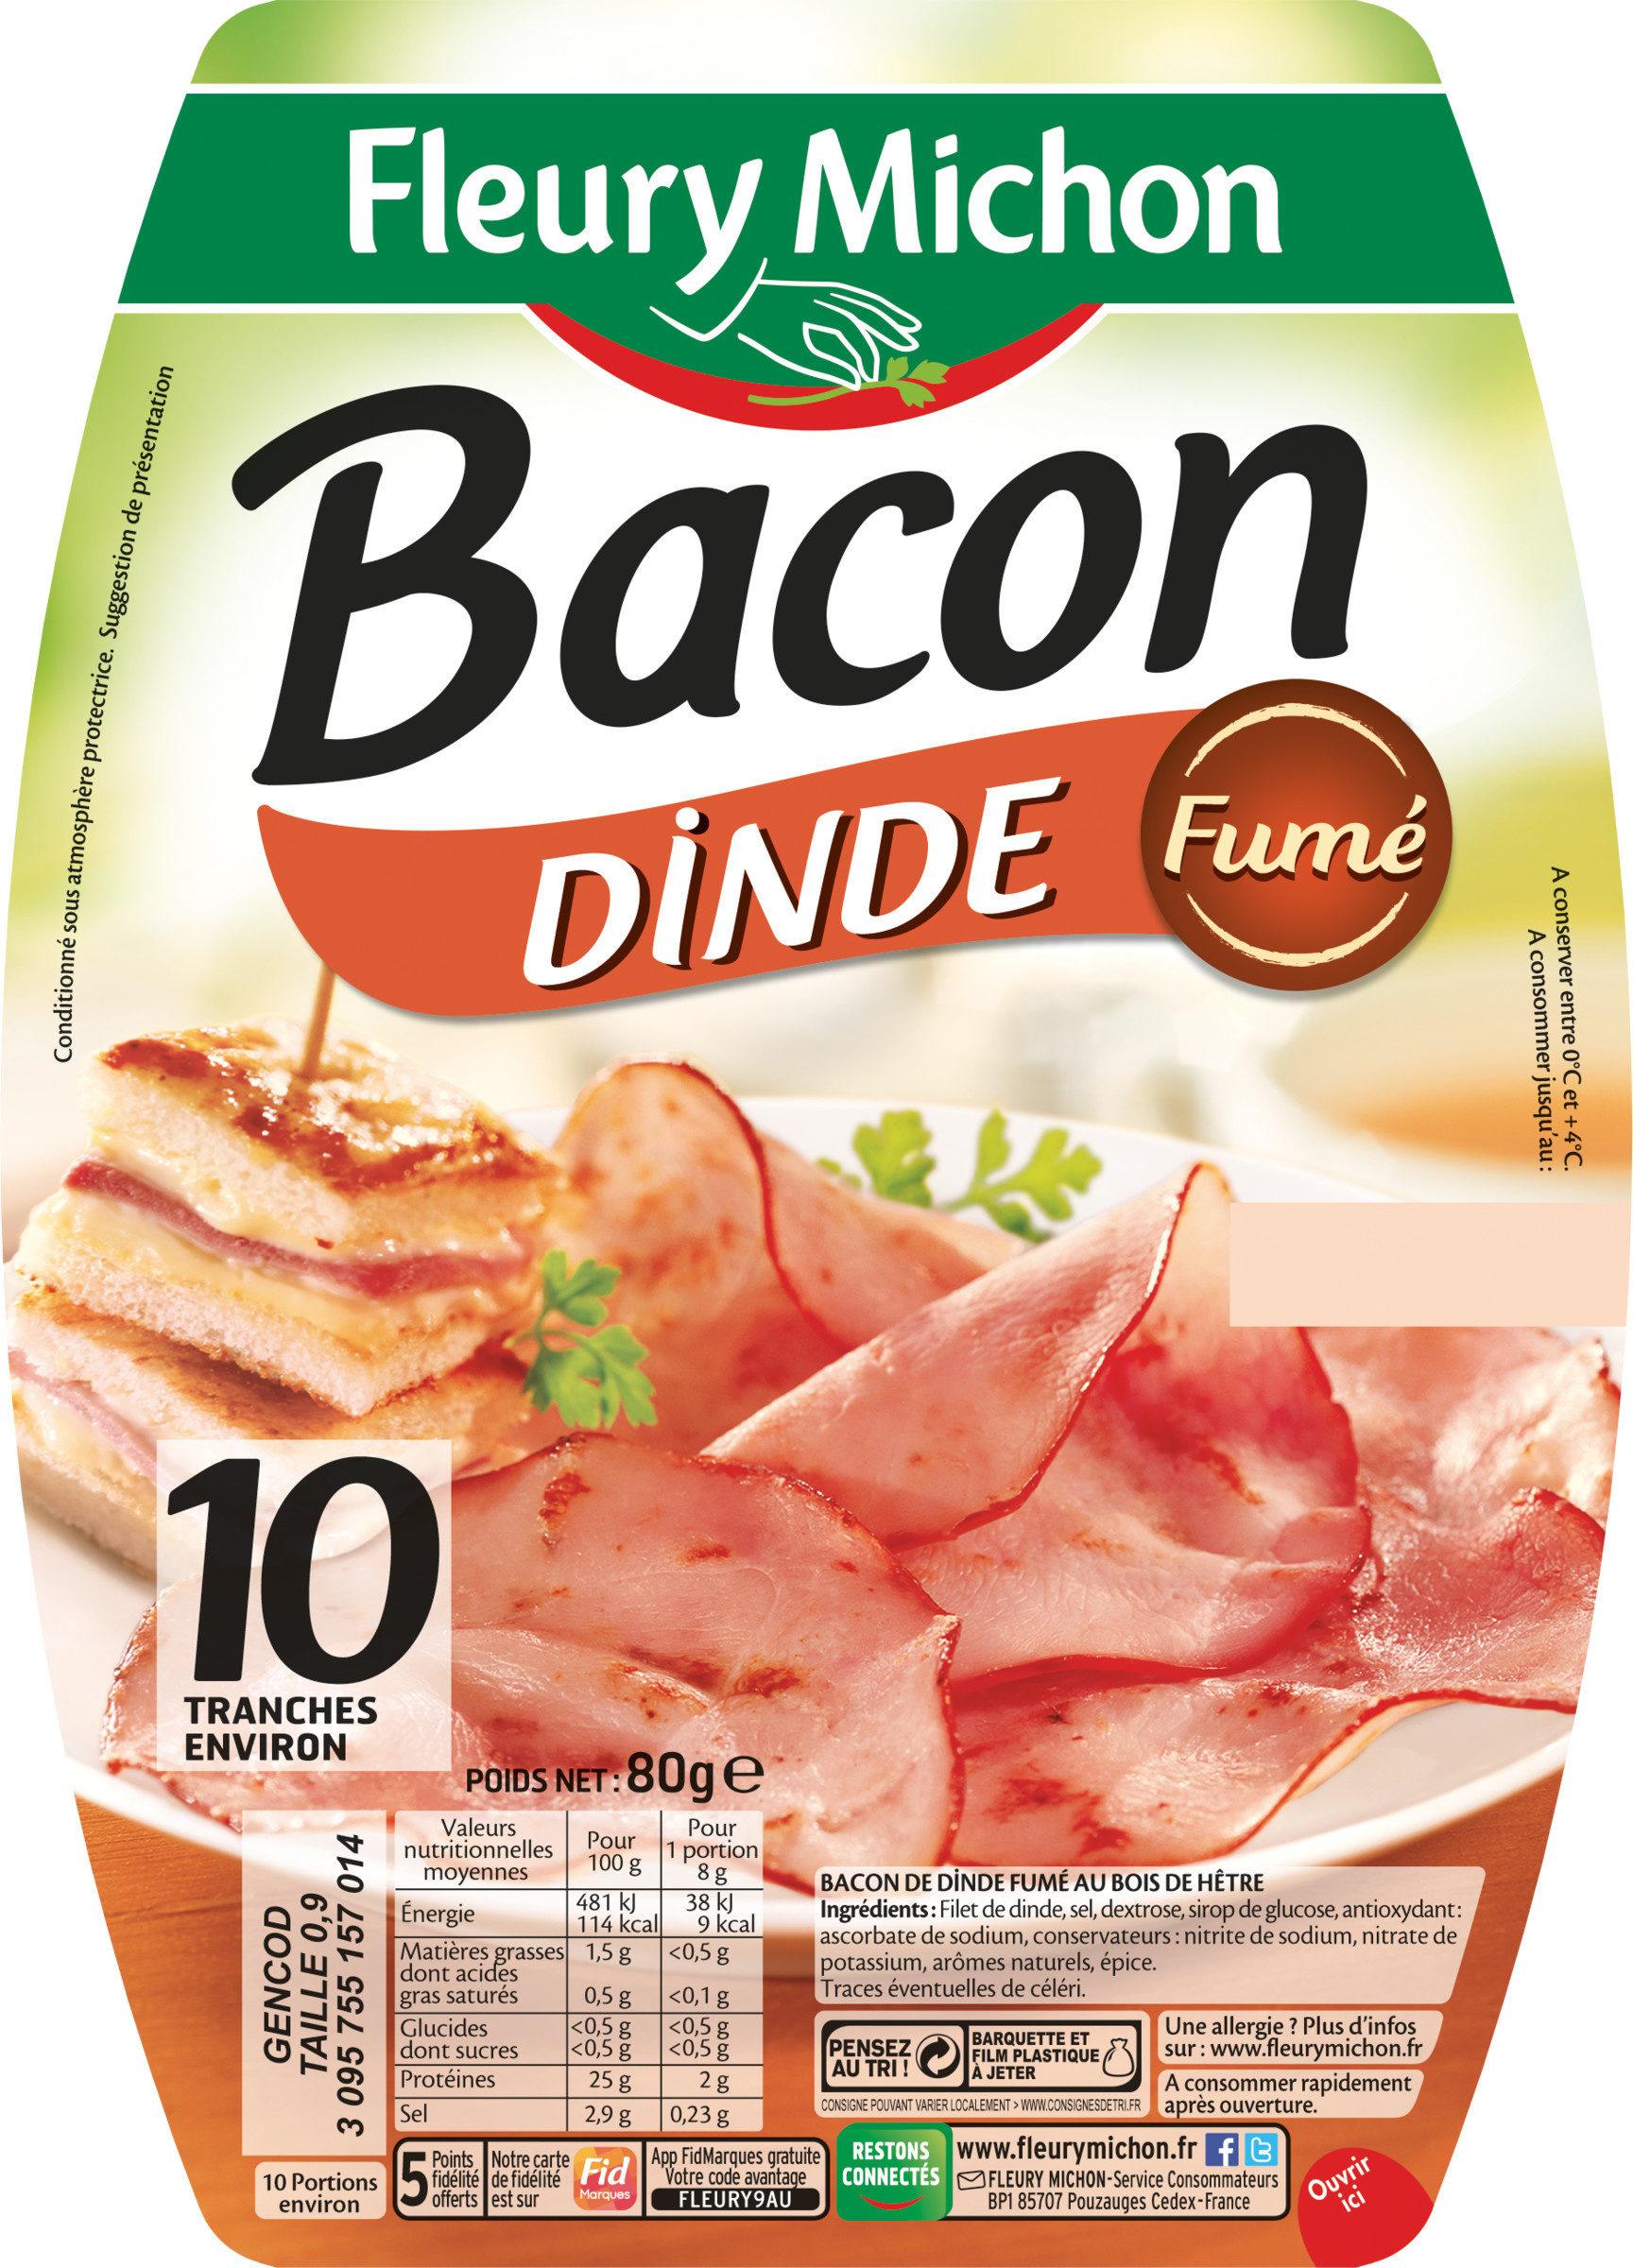 Bacon dinde fumé - 10 tranches environ - Produit - fr